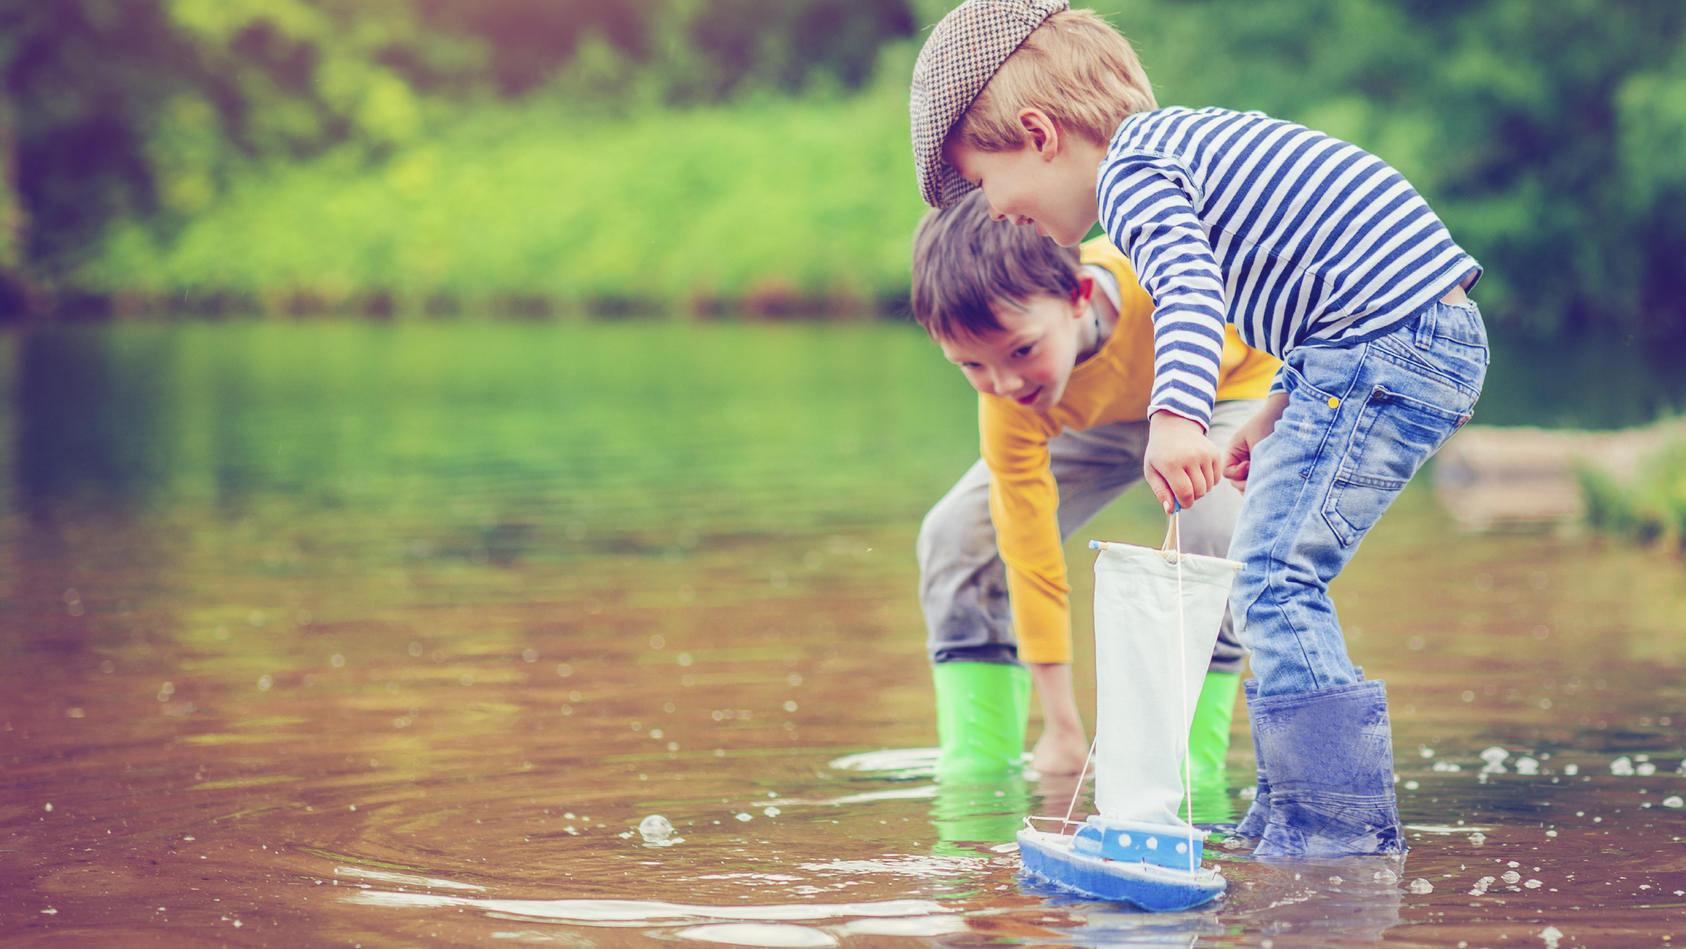 Ab wann können Kinder auch ohne Aufsicht alleine draußen spielen?